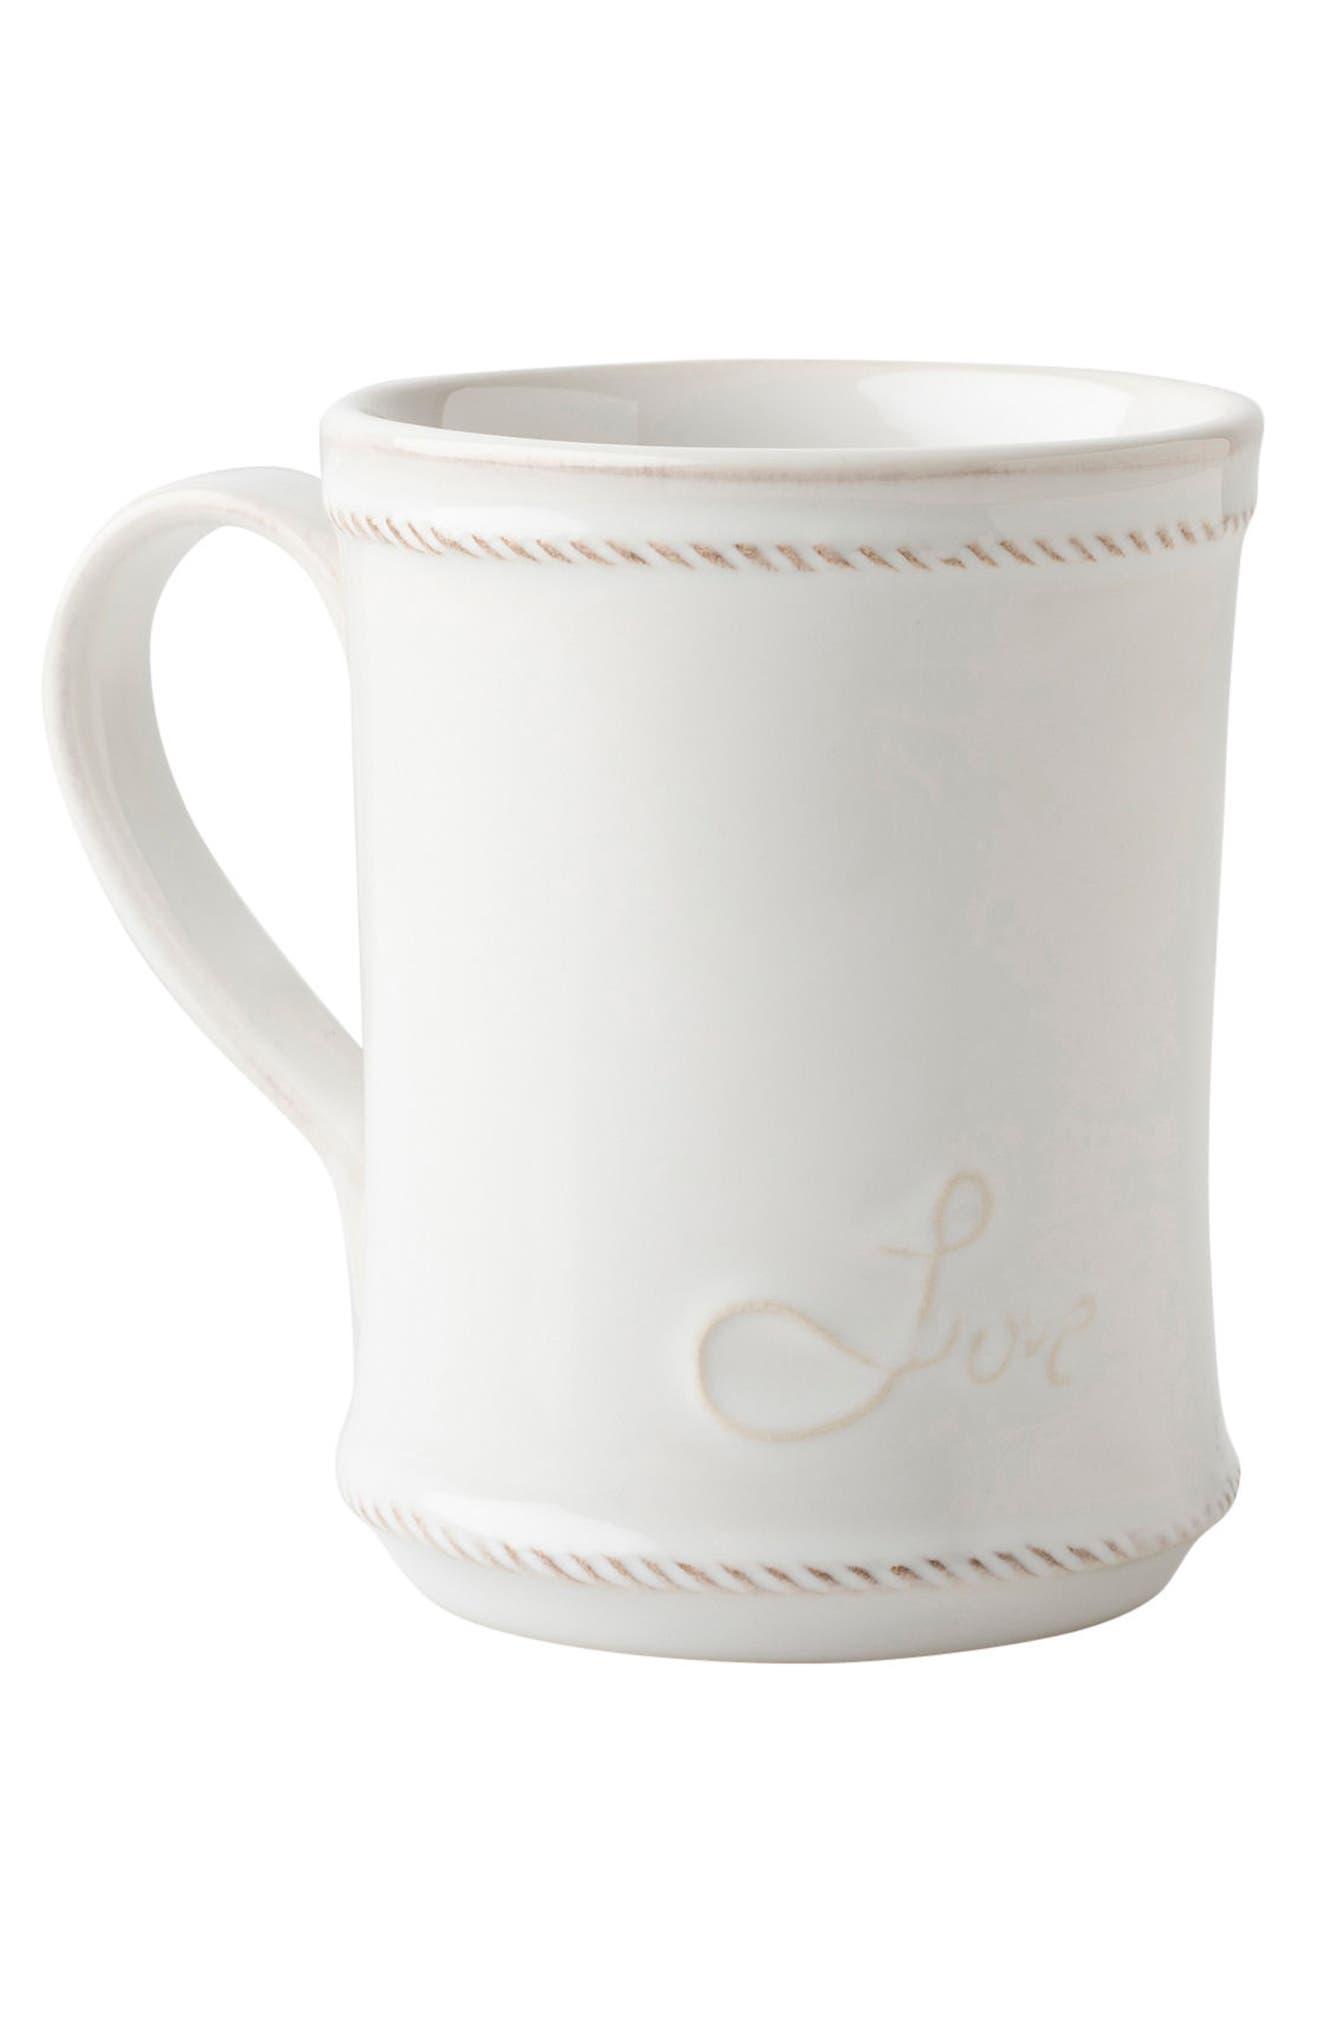 Cupfull of Love Ceramic Mug,                             Alternate thumbnail 2, color,                             WHITE